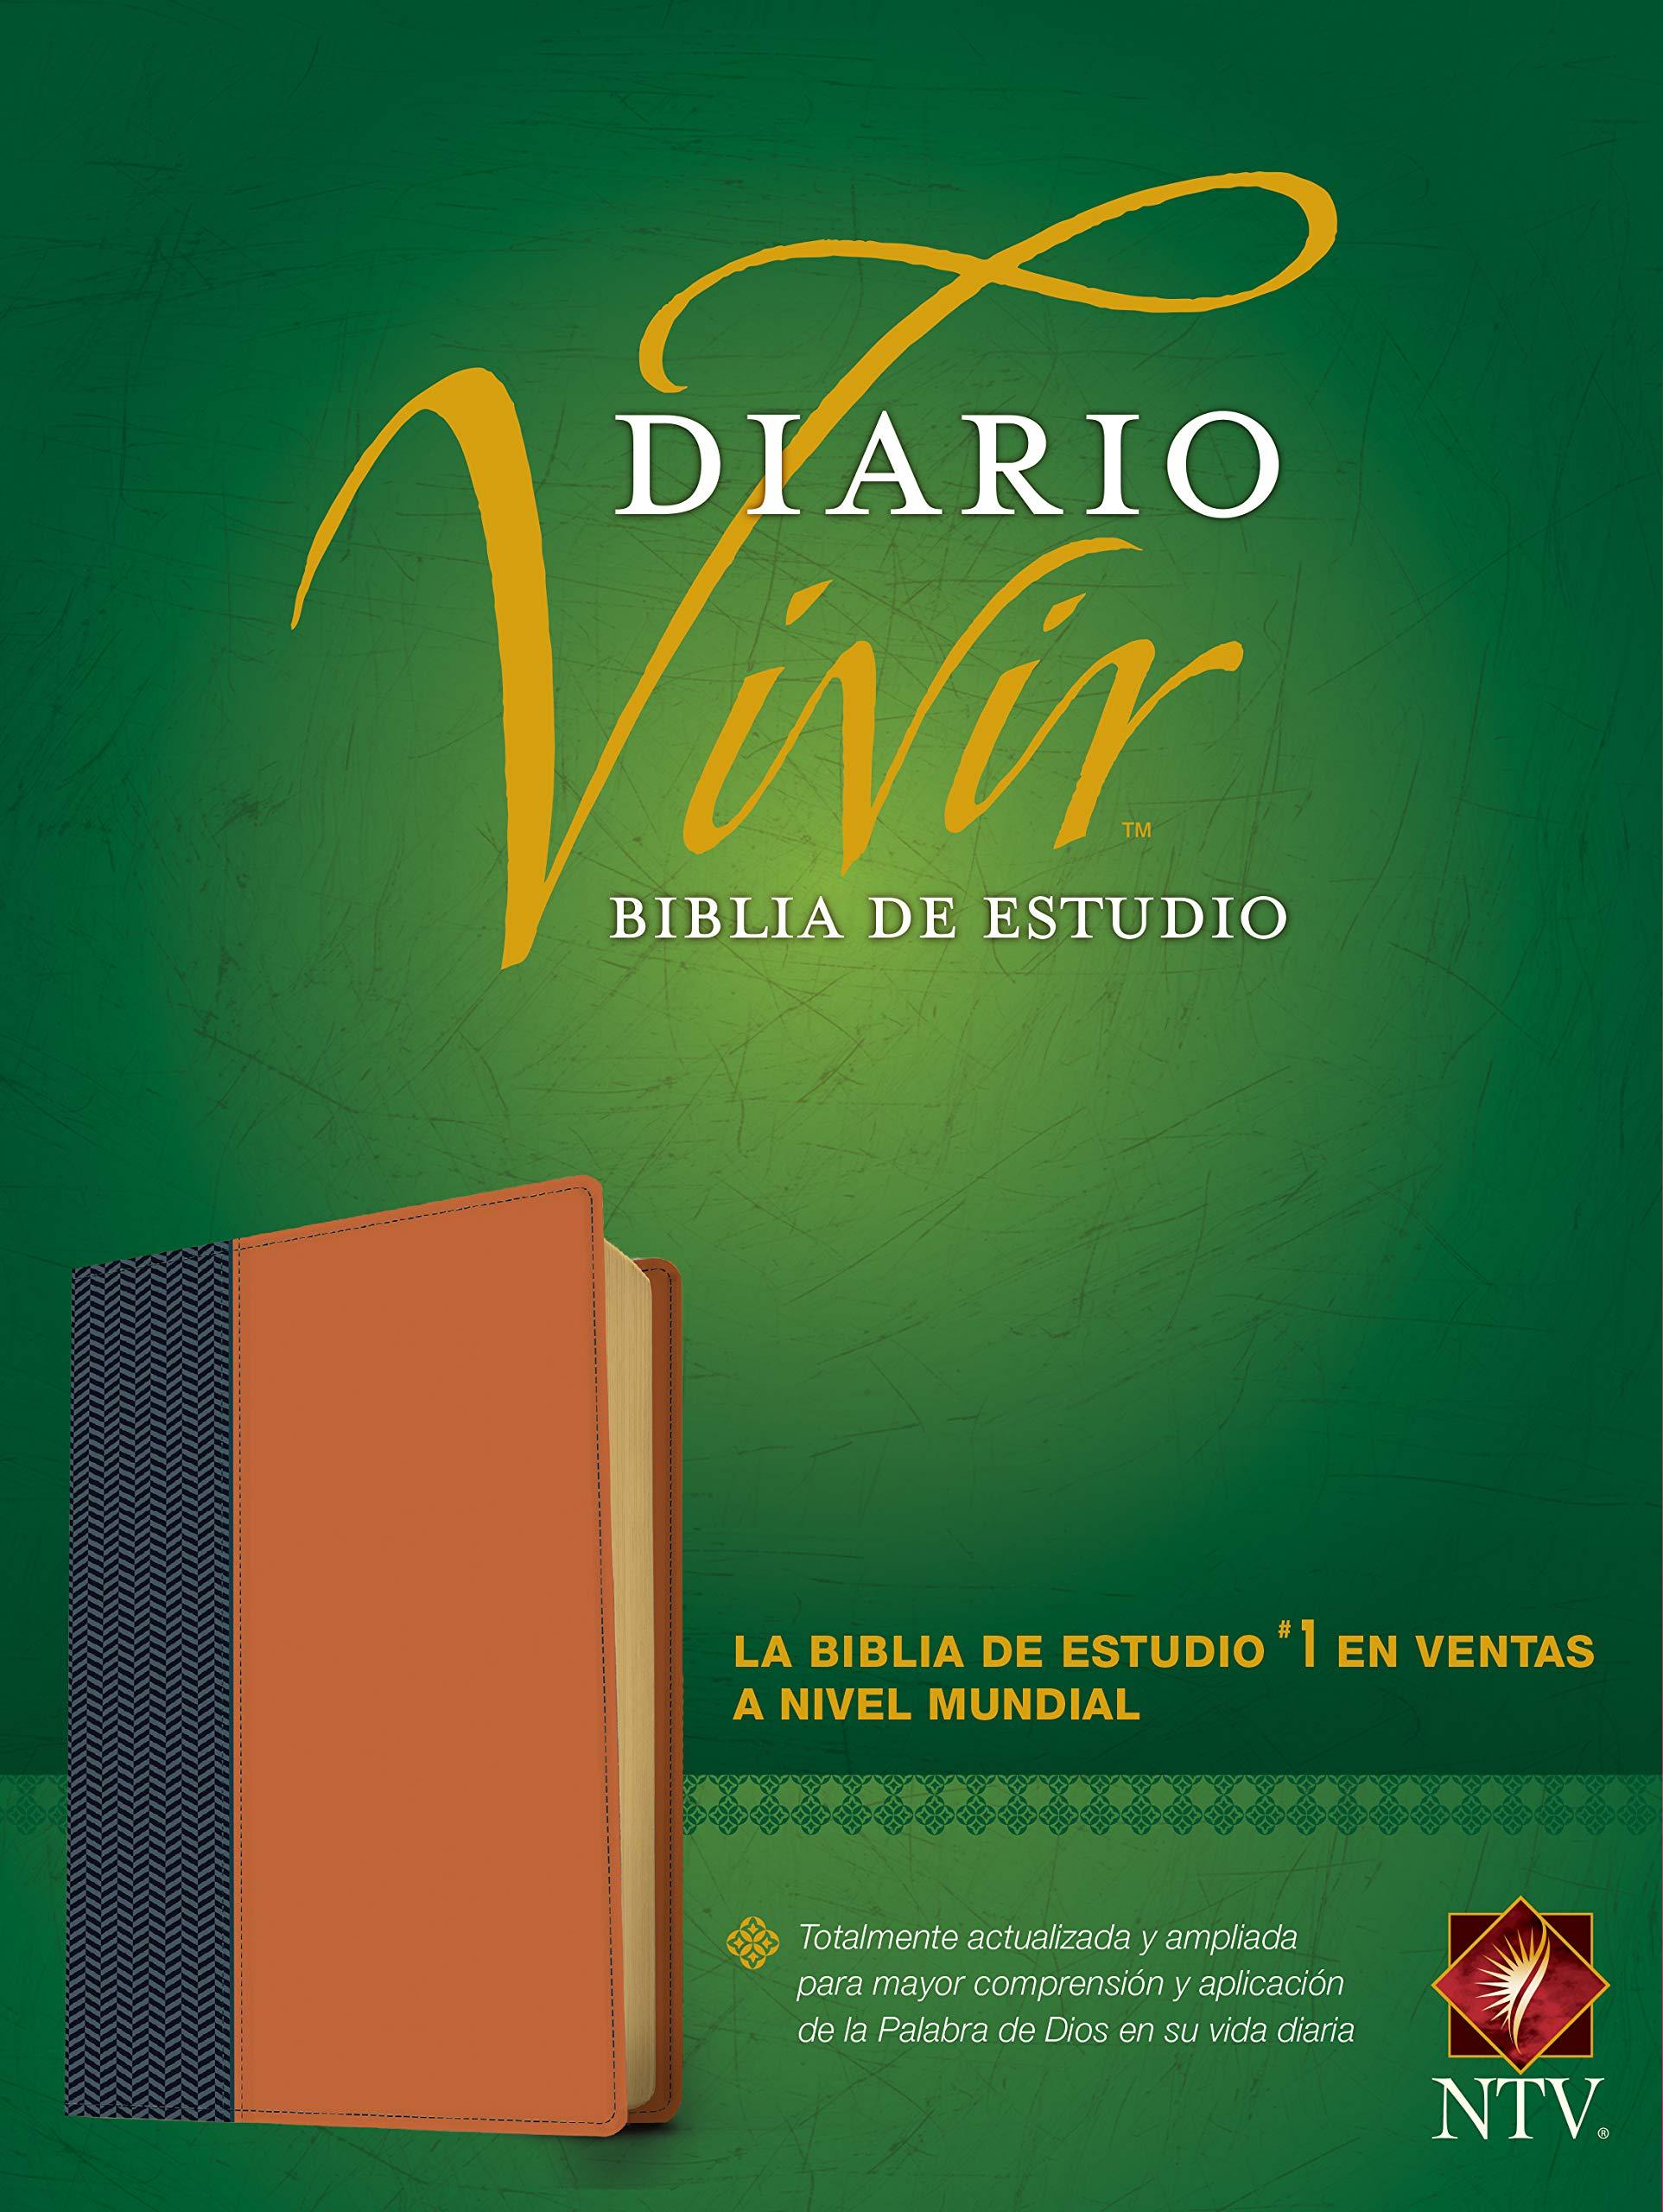 Biblia de Estudio del Diario Vivir NTV